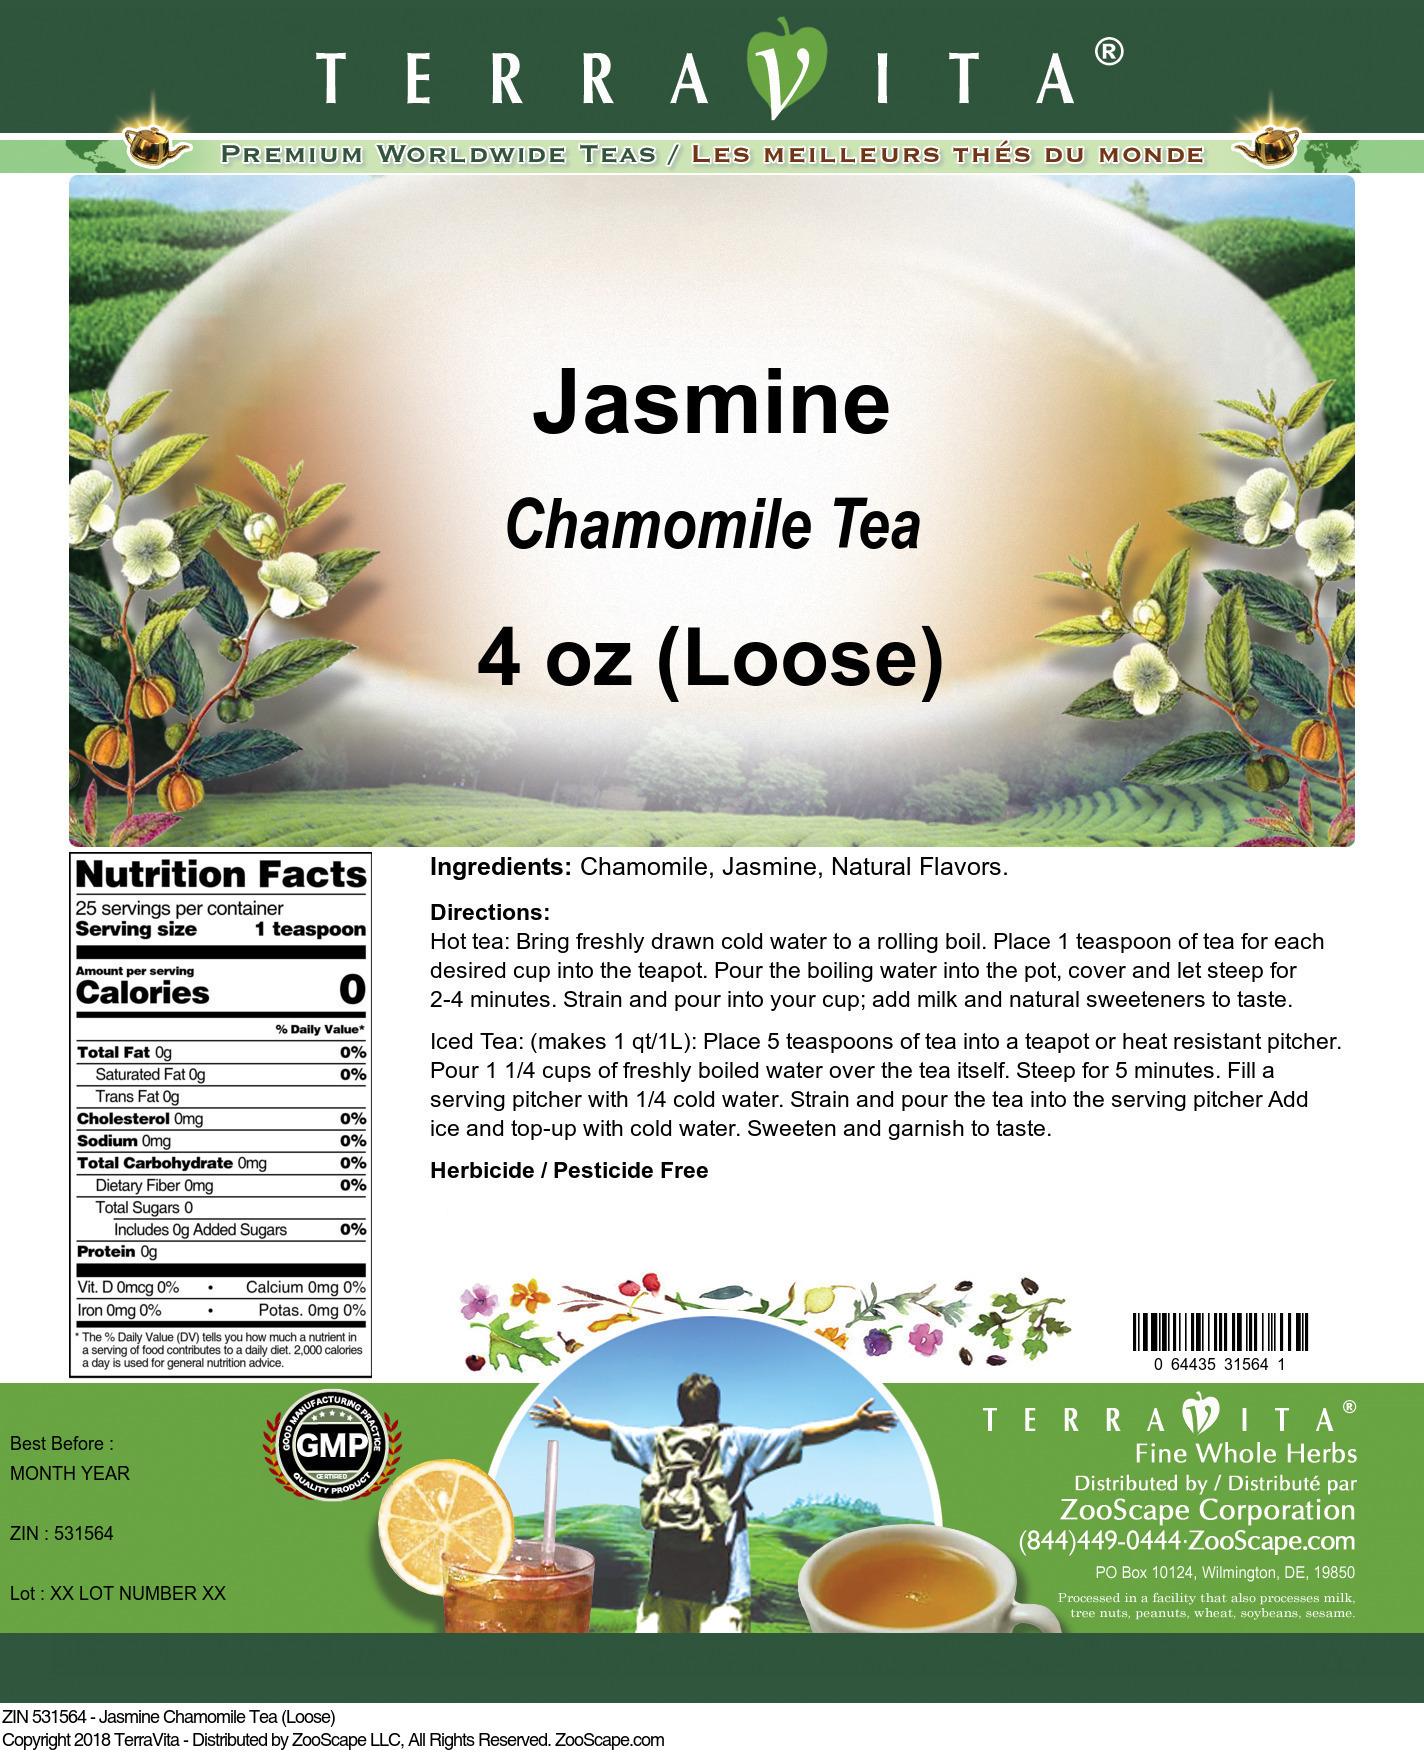 Jasmine Chamomile Tea (Loose)